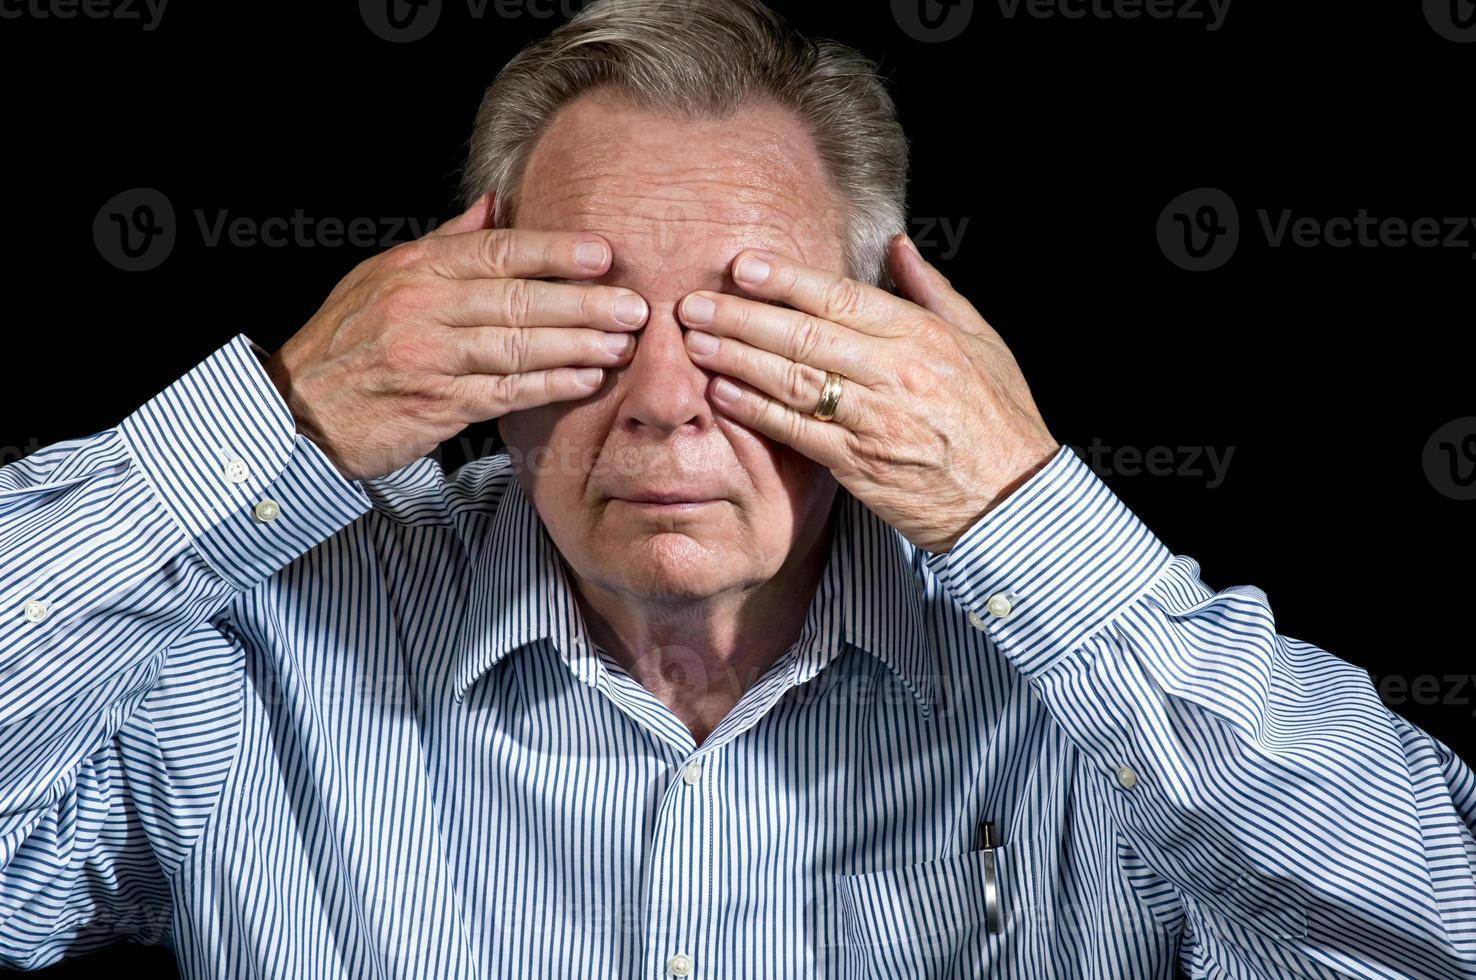 zakenman met handen op ogen gebaren zien geen kwaad foto